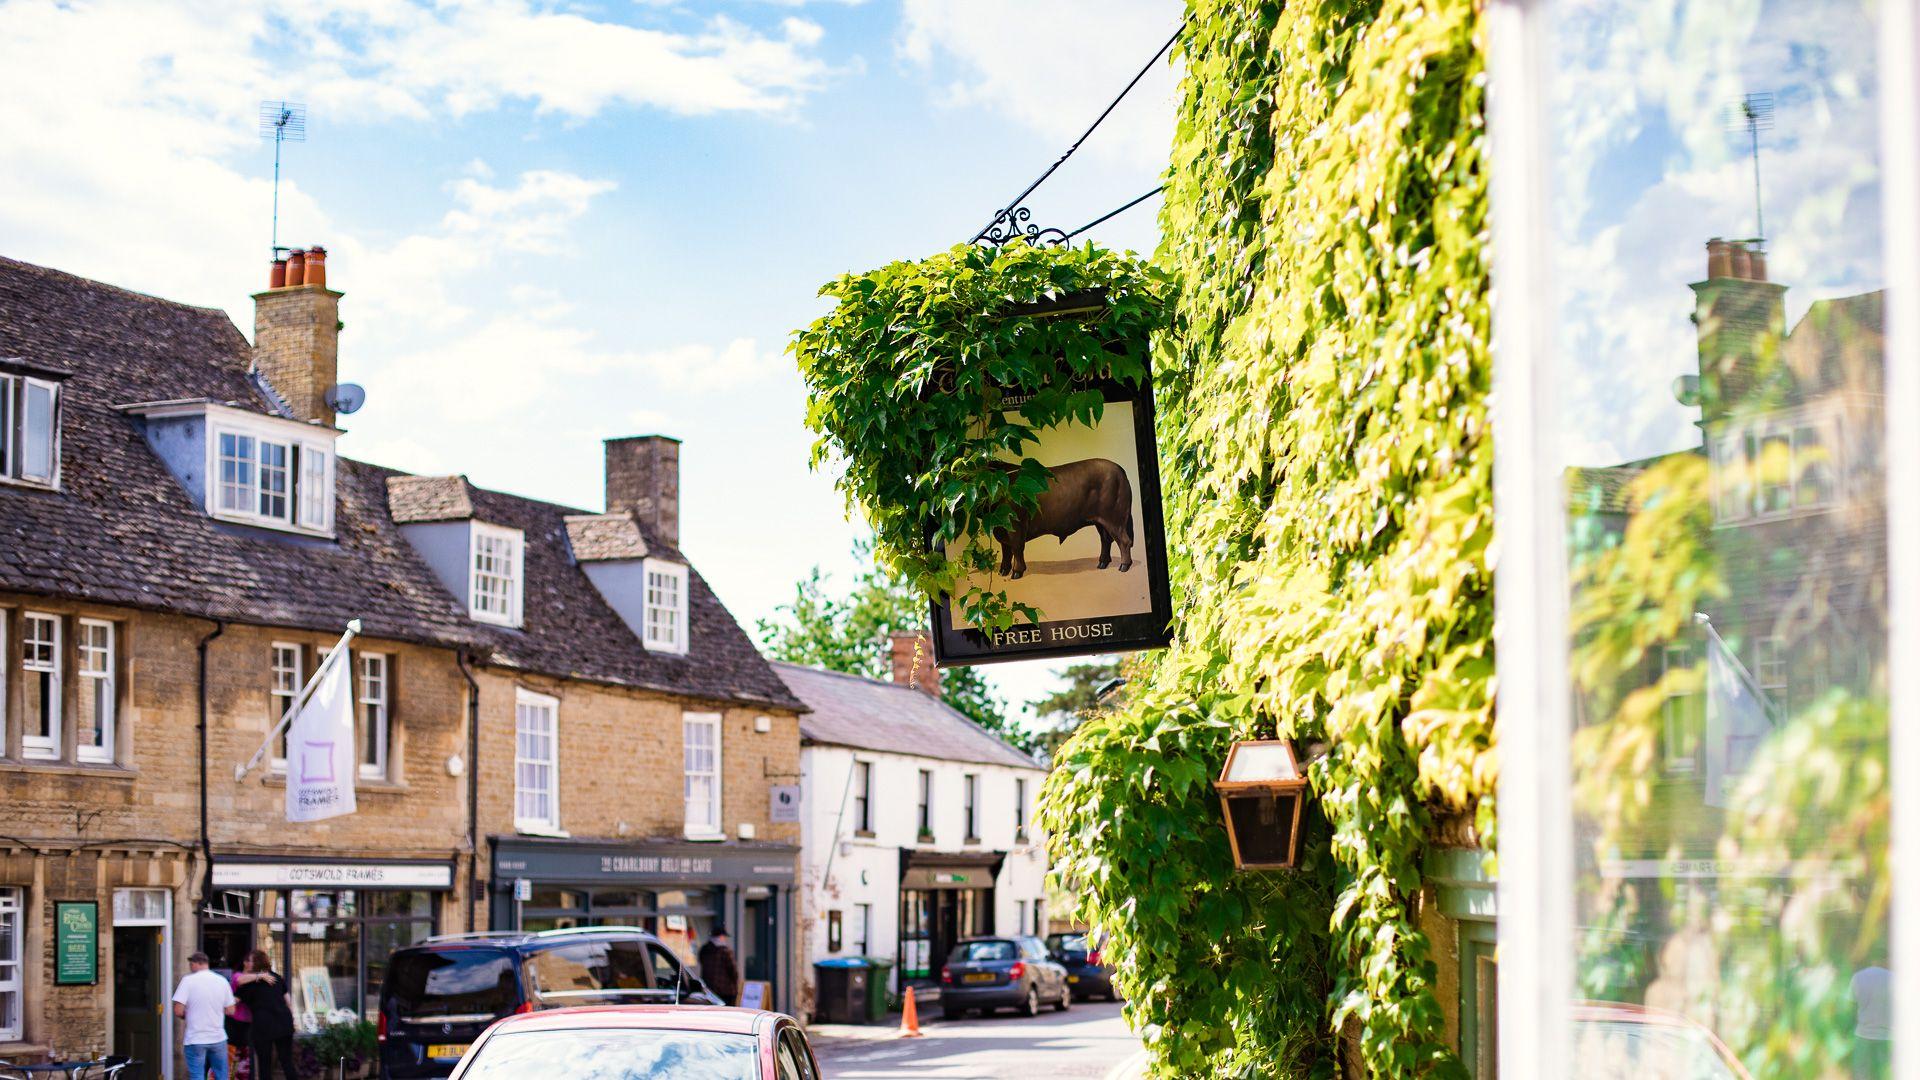 The Bull on Park Street, Charlbury